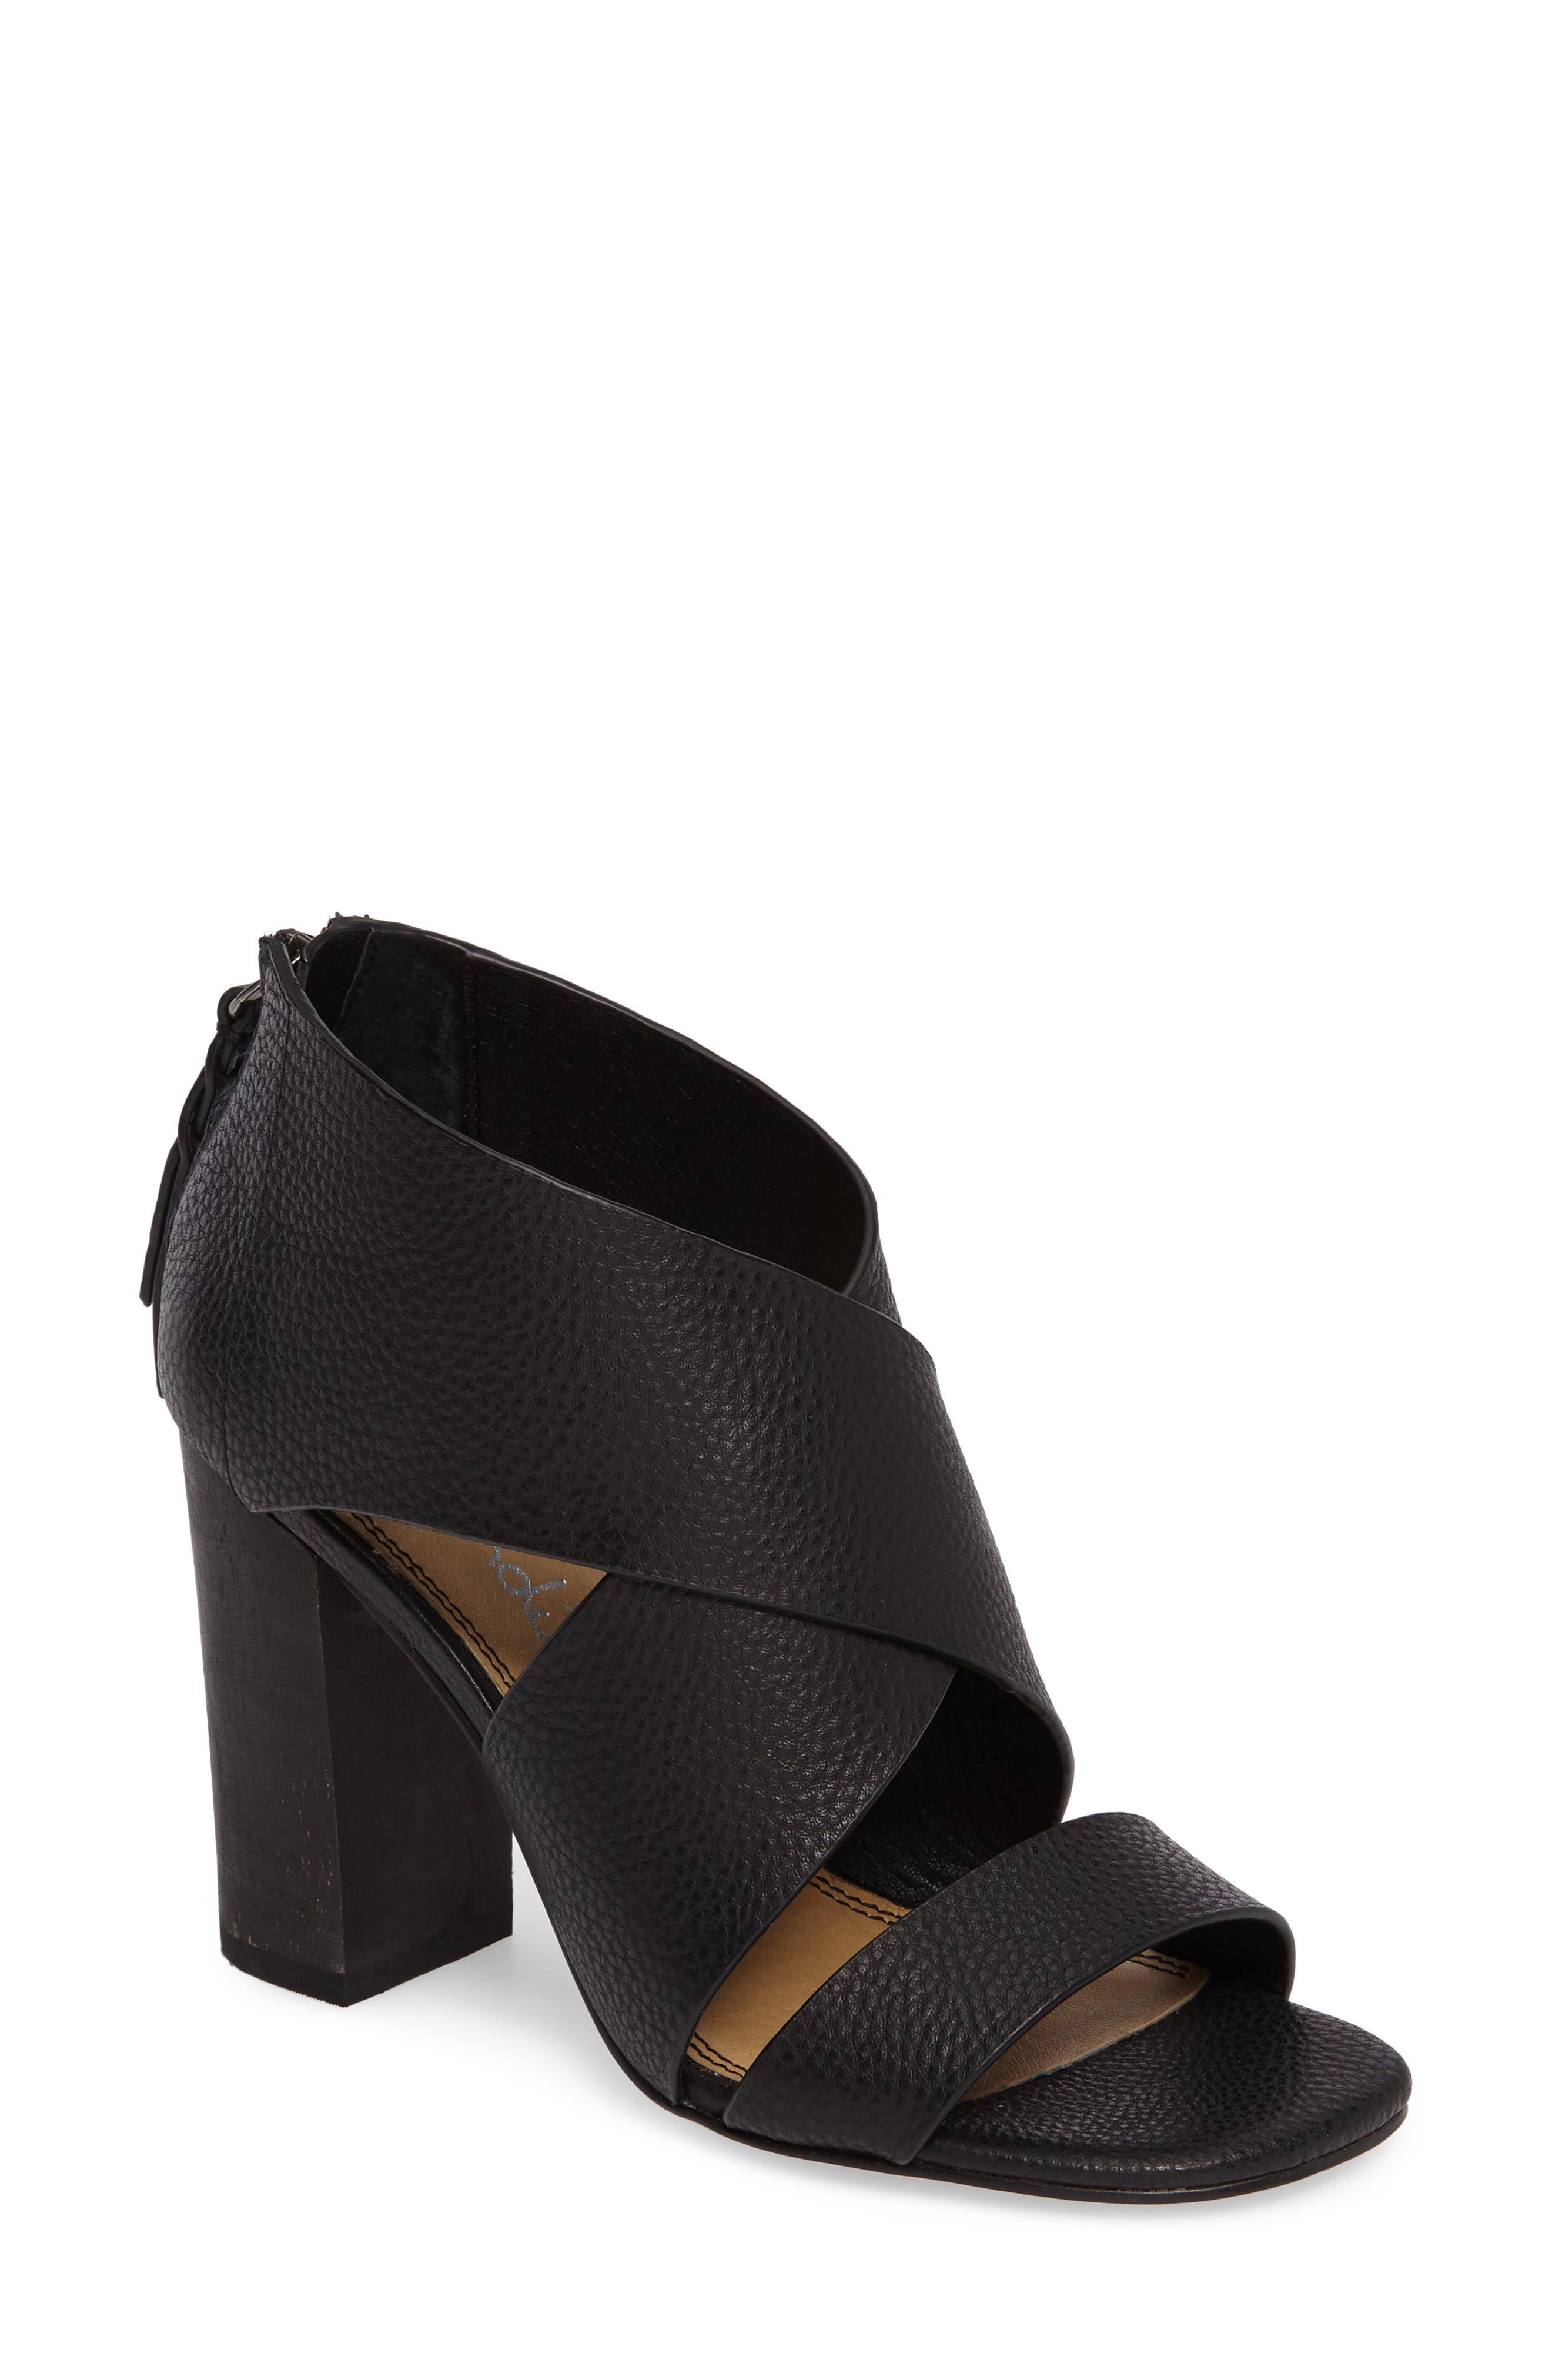 Main Image - Splendid Danett Cross Strap Sandal (Women)